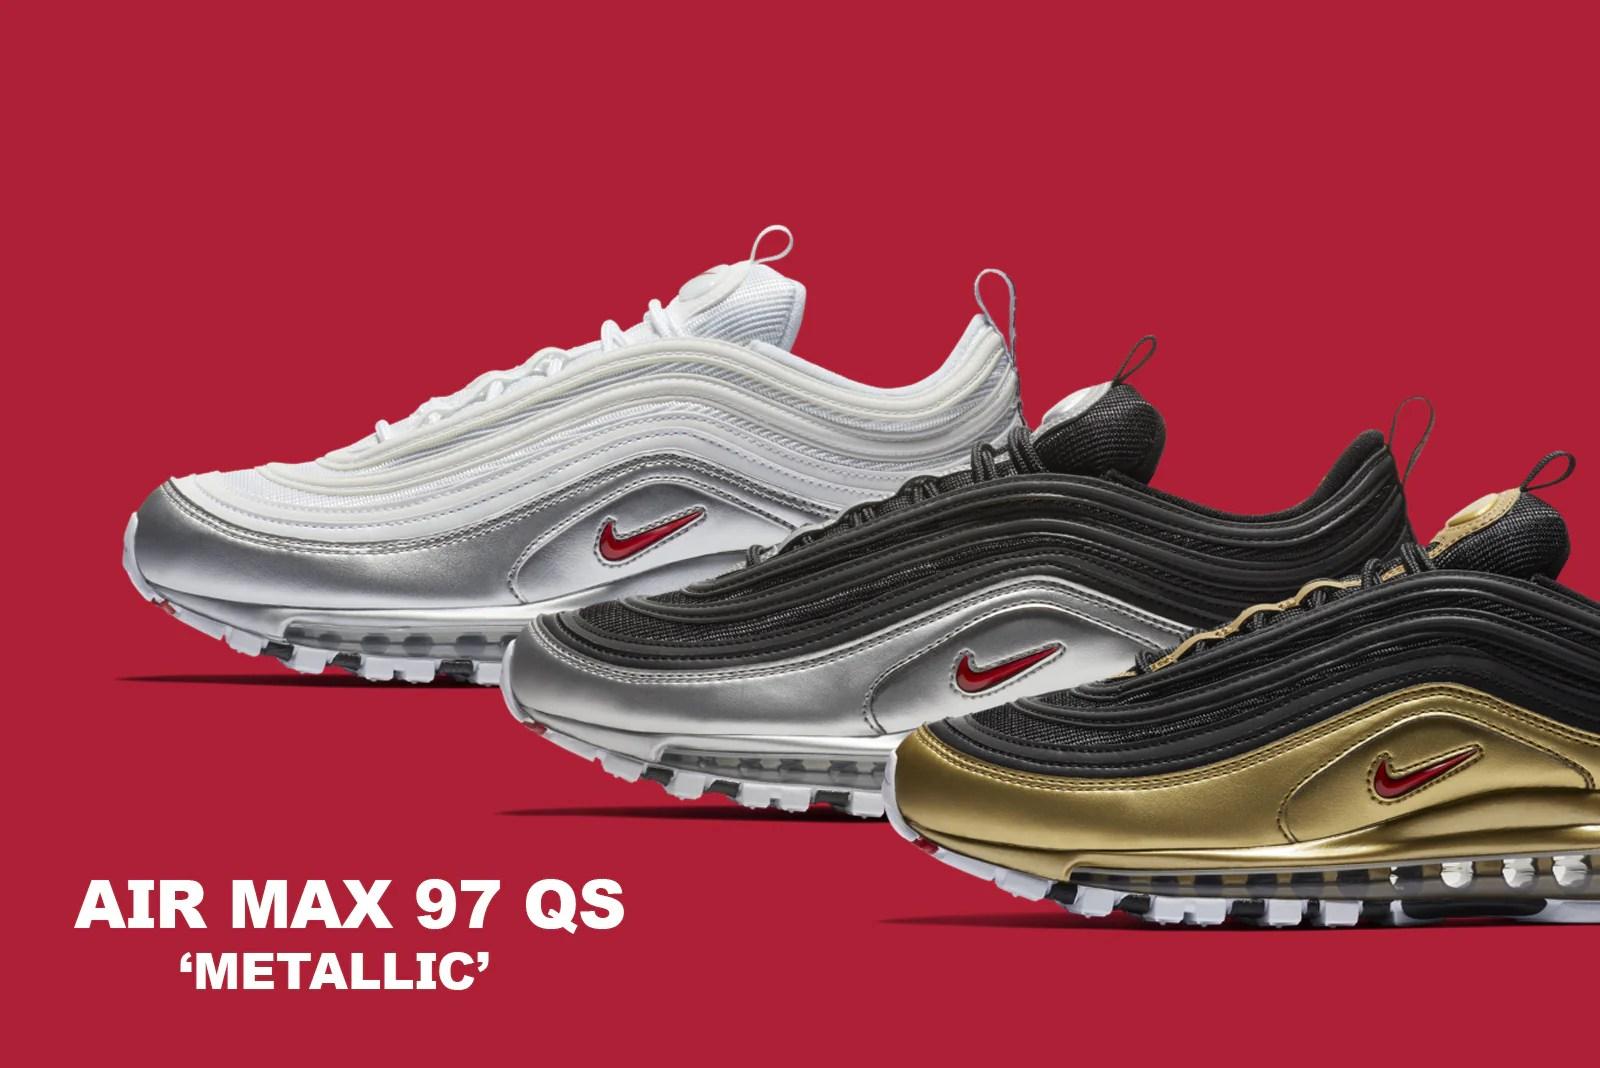 Air Max Qs 97   Nike Air Max 97 Qs Bsides Black Metallic